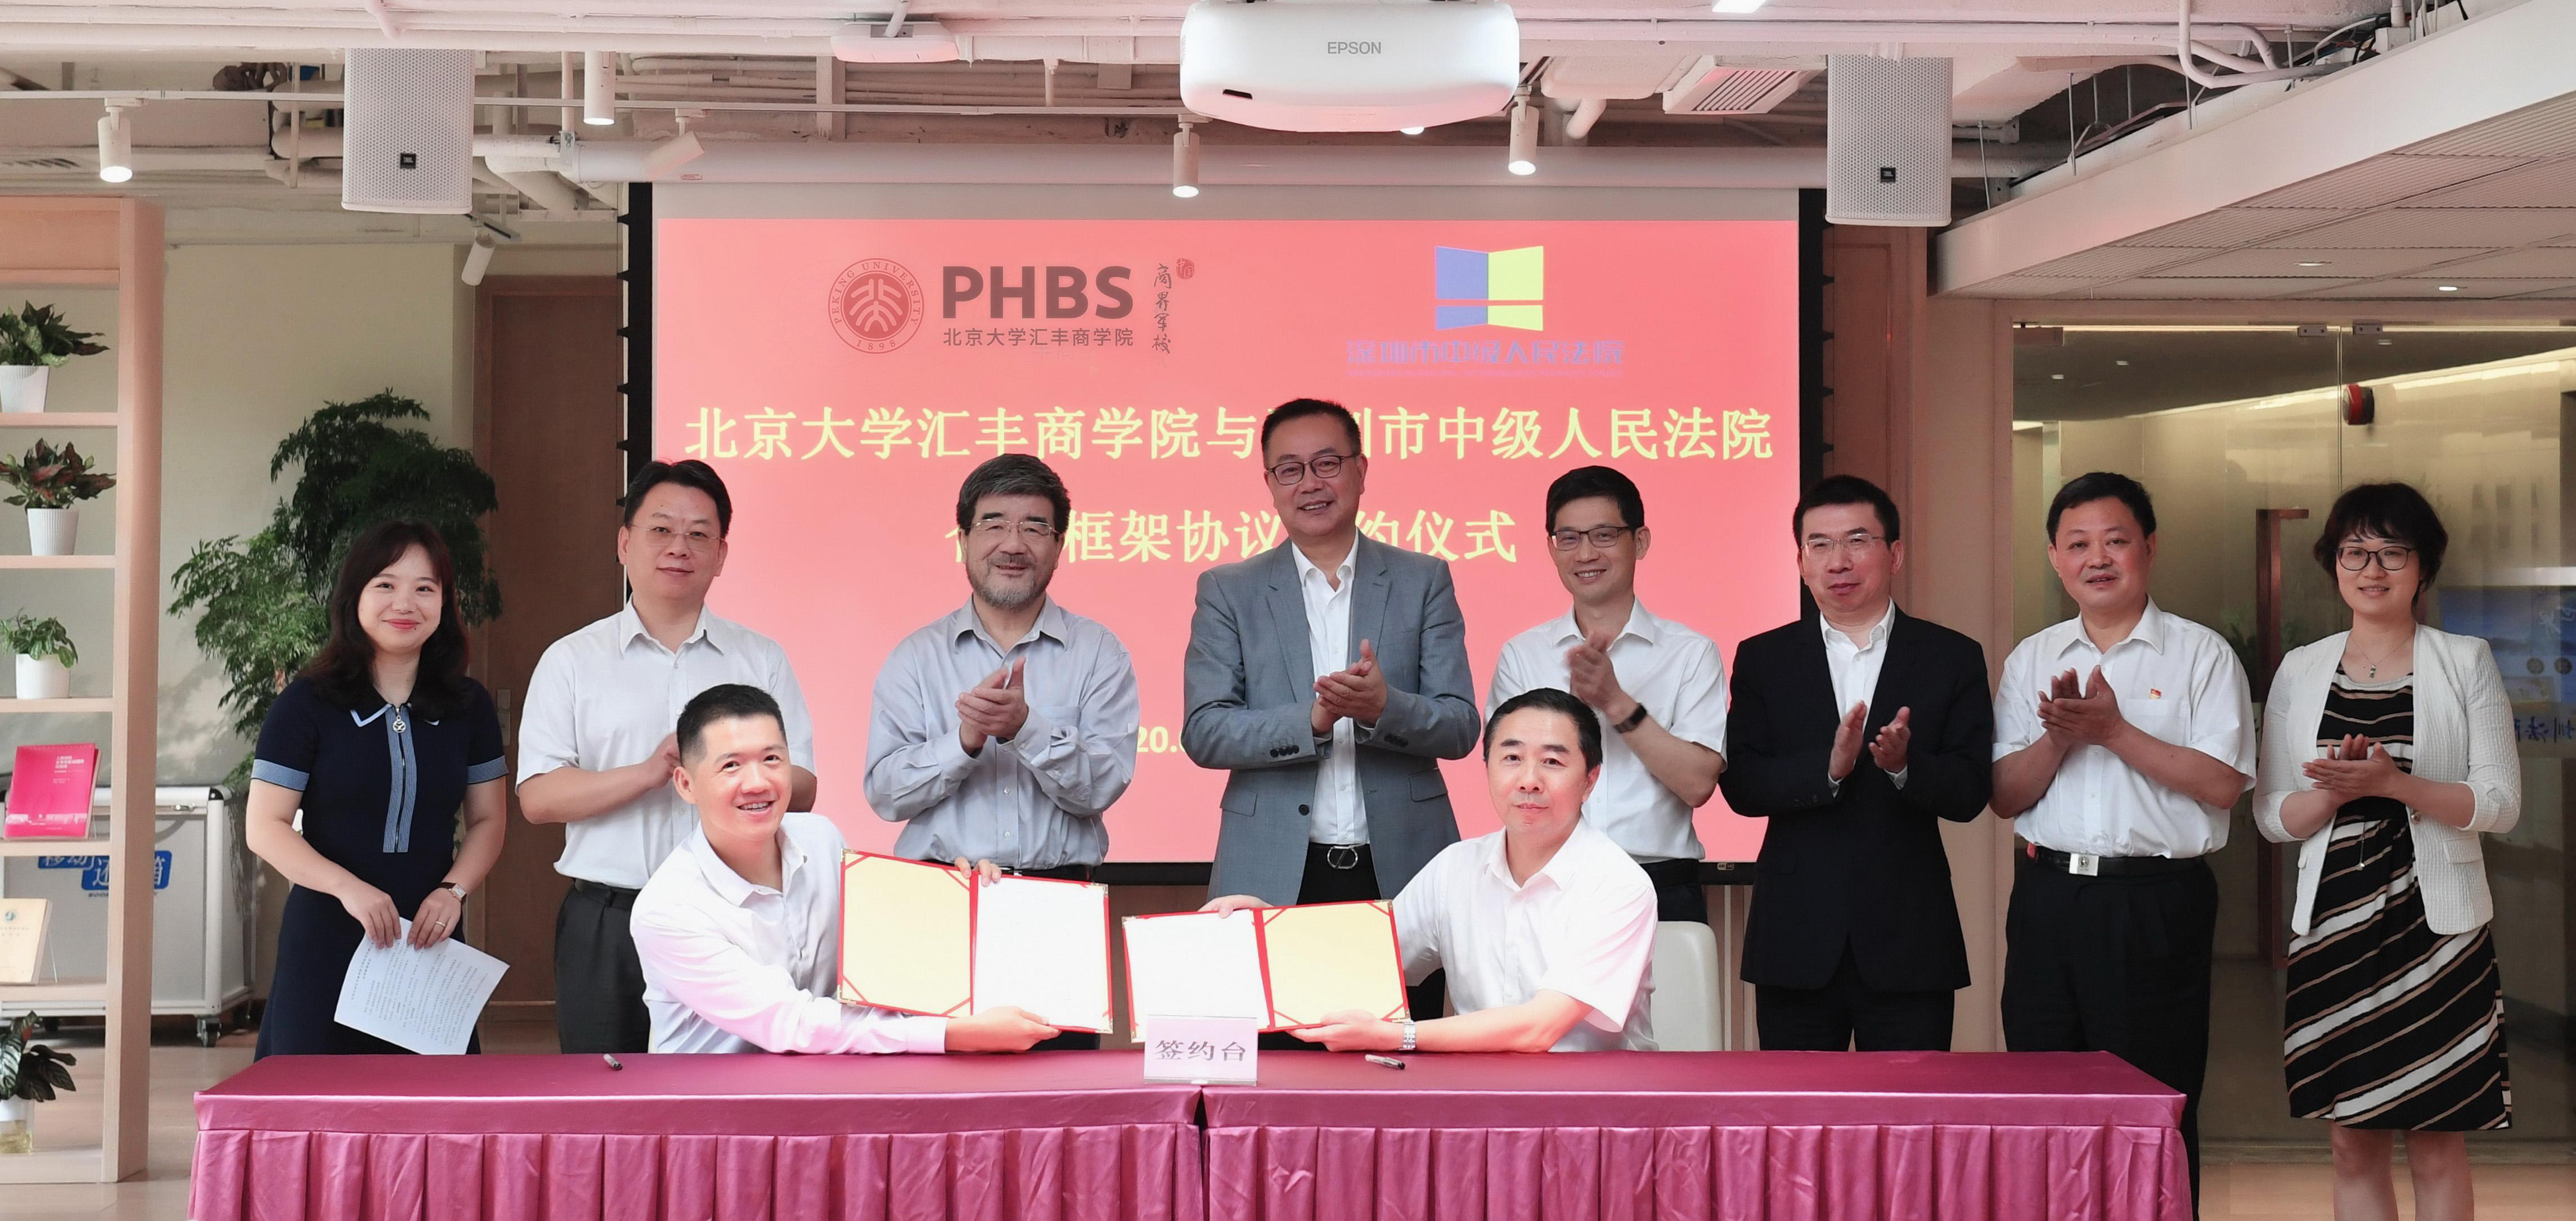 澳门新葡新京平台汇丰商学院与深圳市中级人民法院签署合作协议